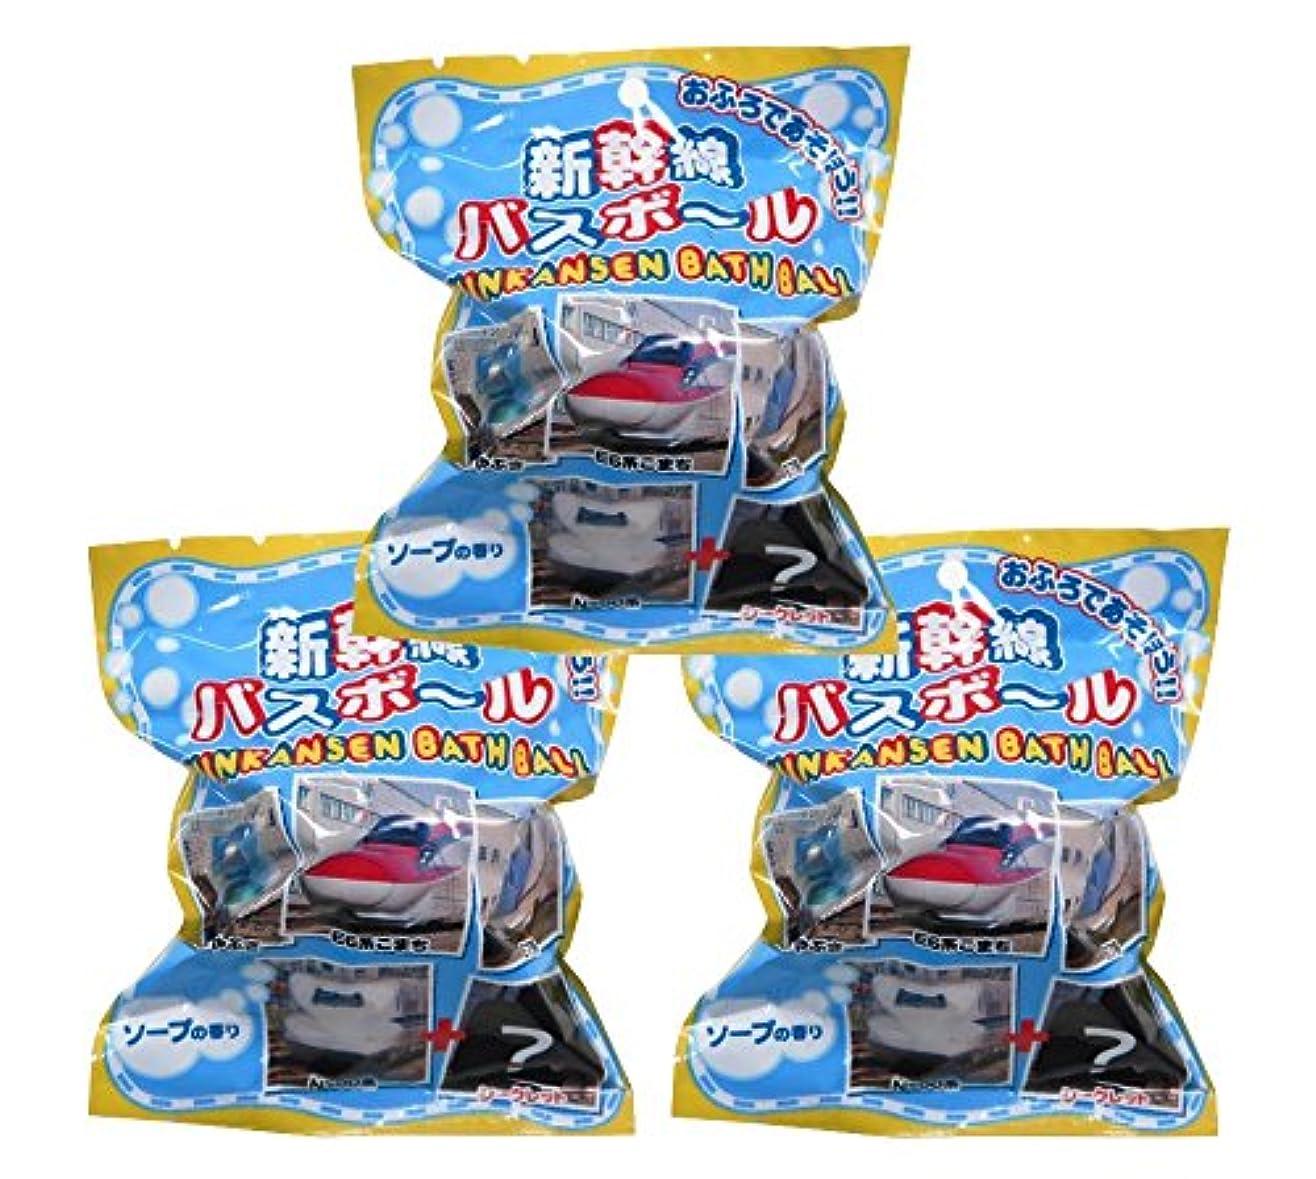 混合した素晴らしい良い多くの説教JR新幹線 入浴剤 マスコットが飛び出るバスボール 3個セット